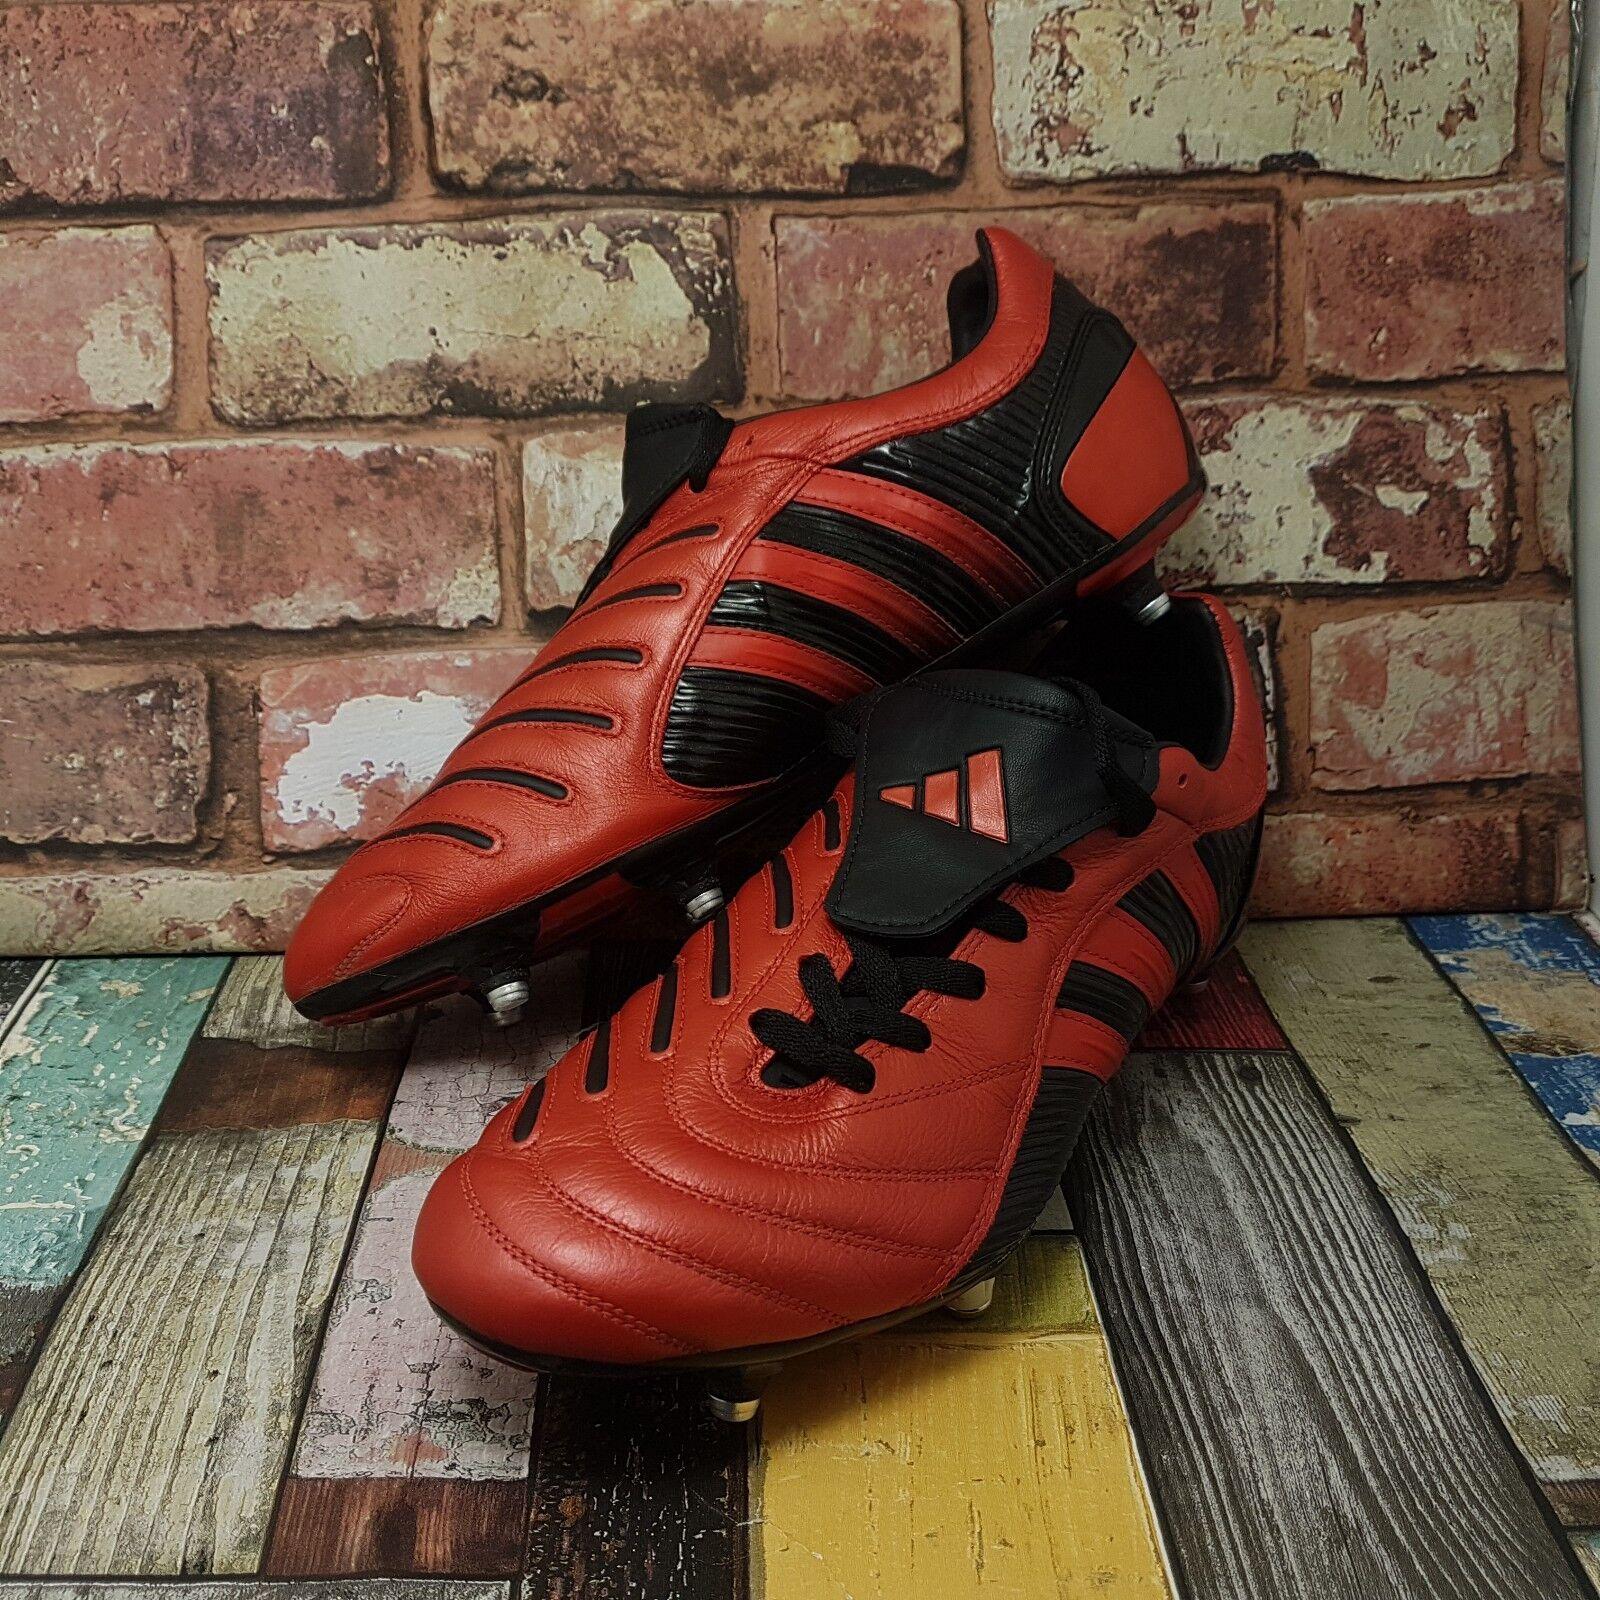 Adidas ProjoATOR PULSO absoluta de fútbol botas talla 10.5 Rojo Cuero 2004 EU 45